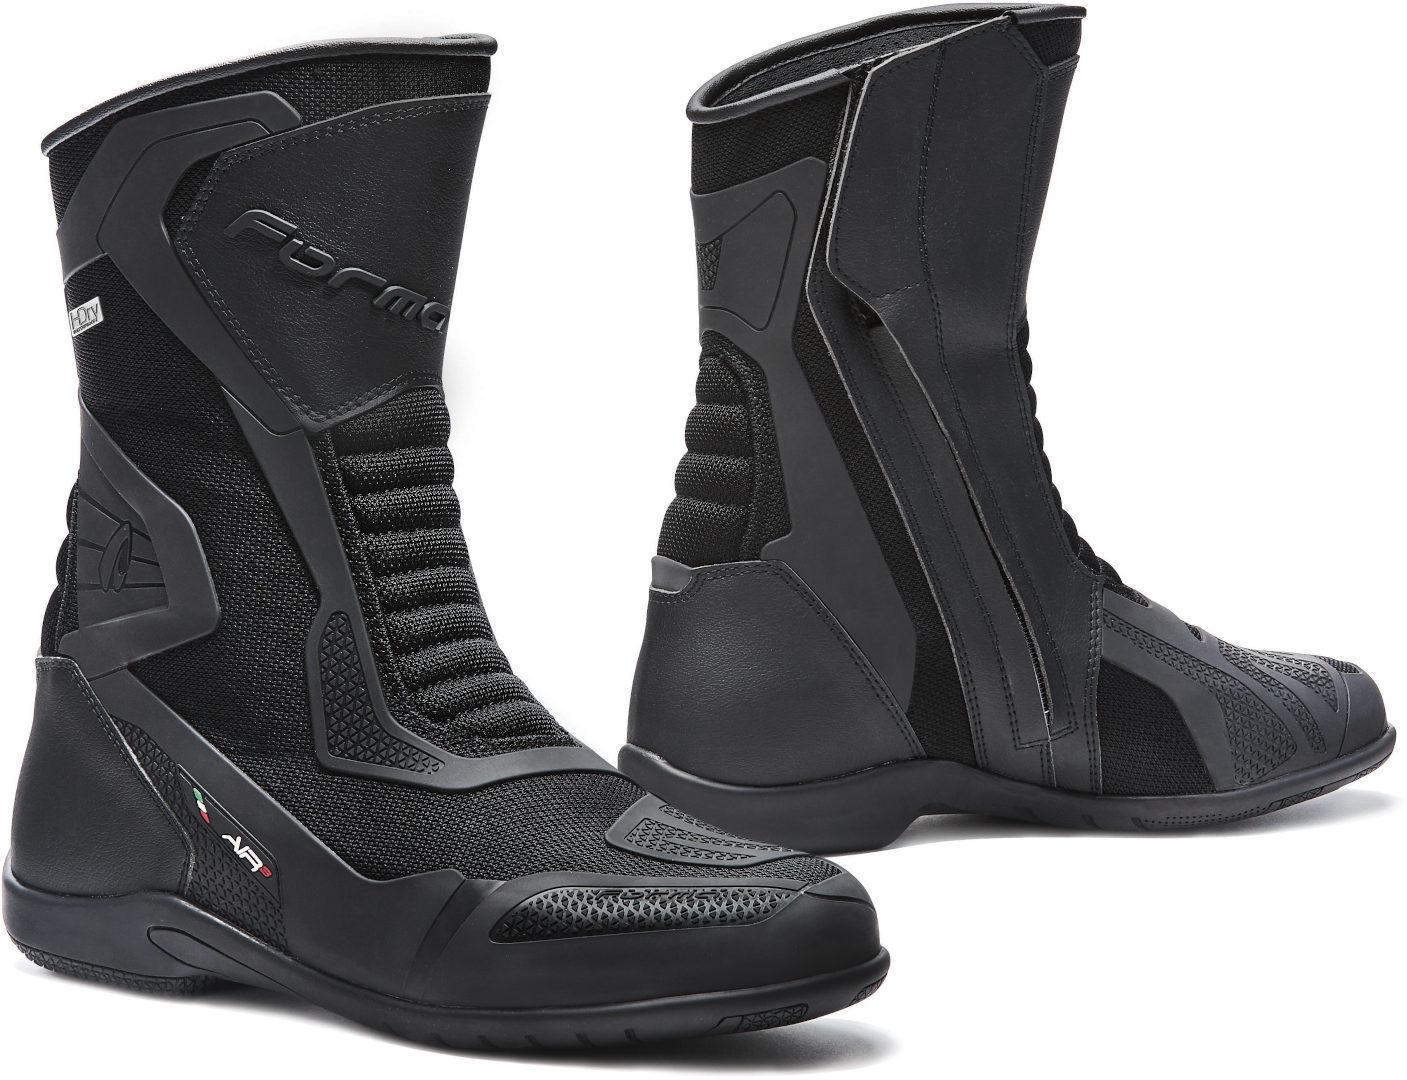 Forma Air 3 HDry Motorradstiefel, schwarz, Größe 41, schwarz, Größe 41